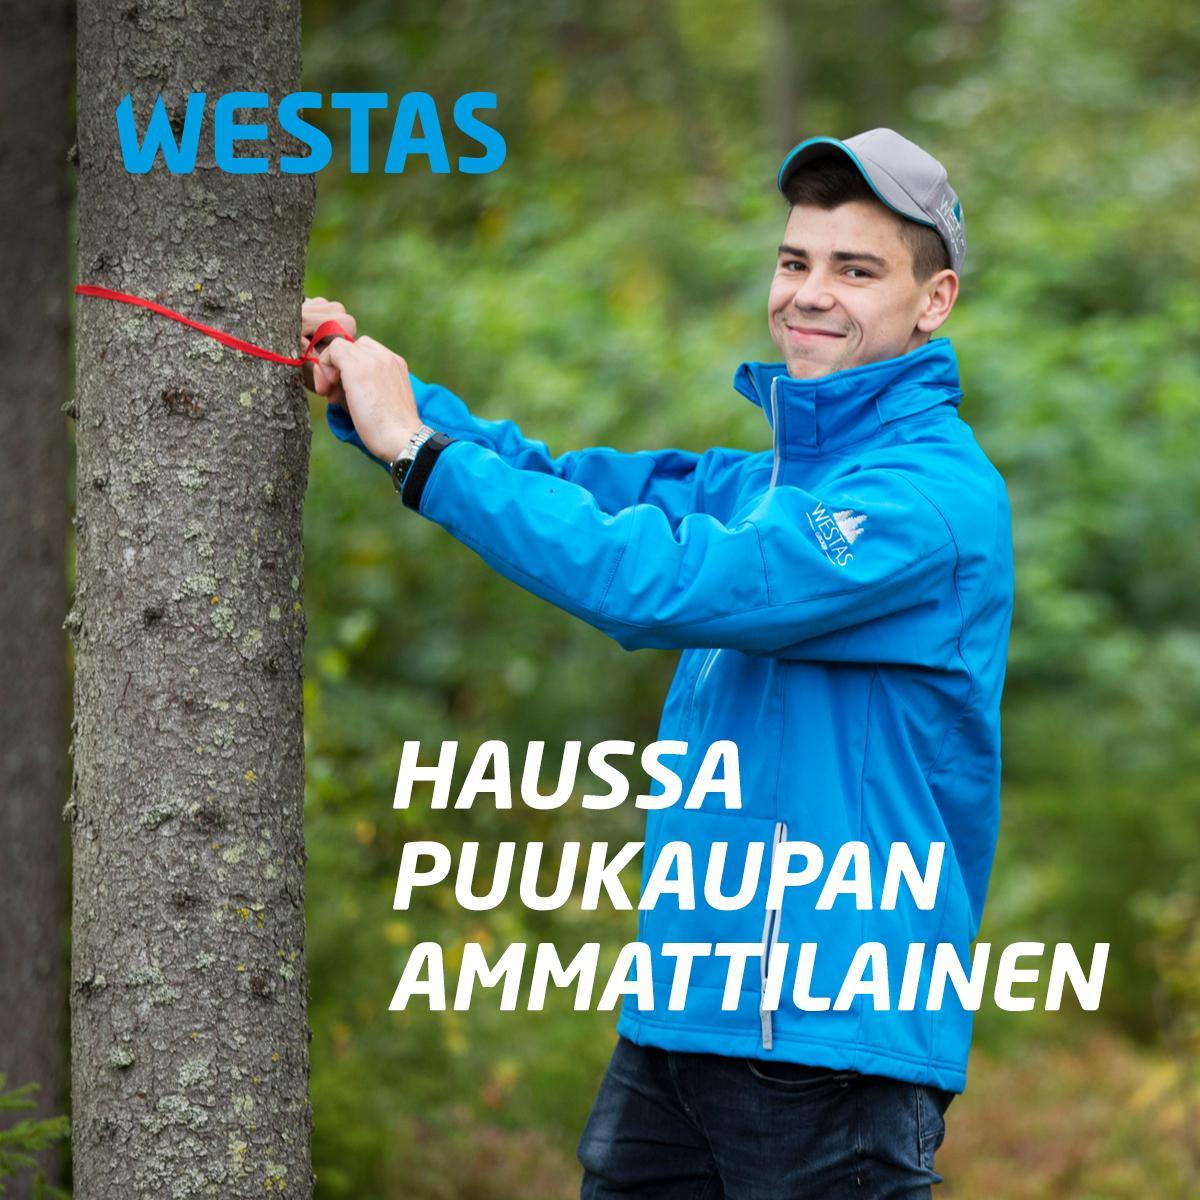 Haemme metsäosastolle PUUKAUPAN AMMATTILAISTA